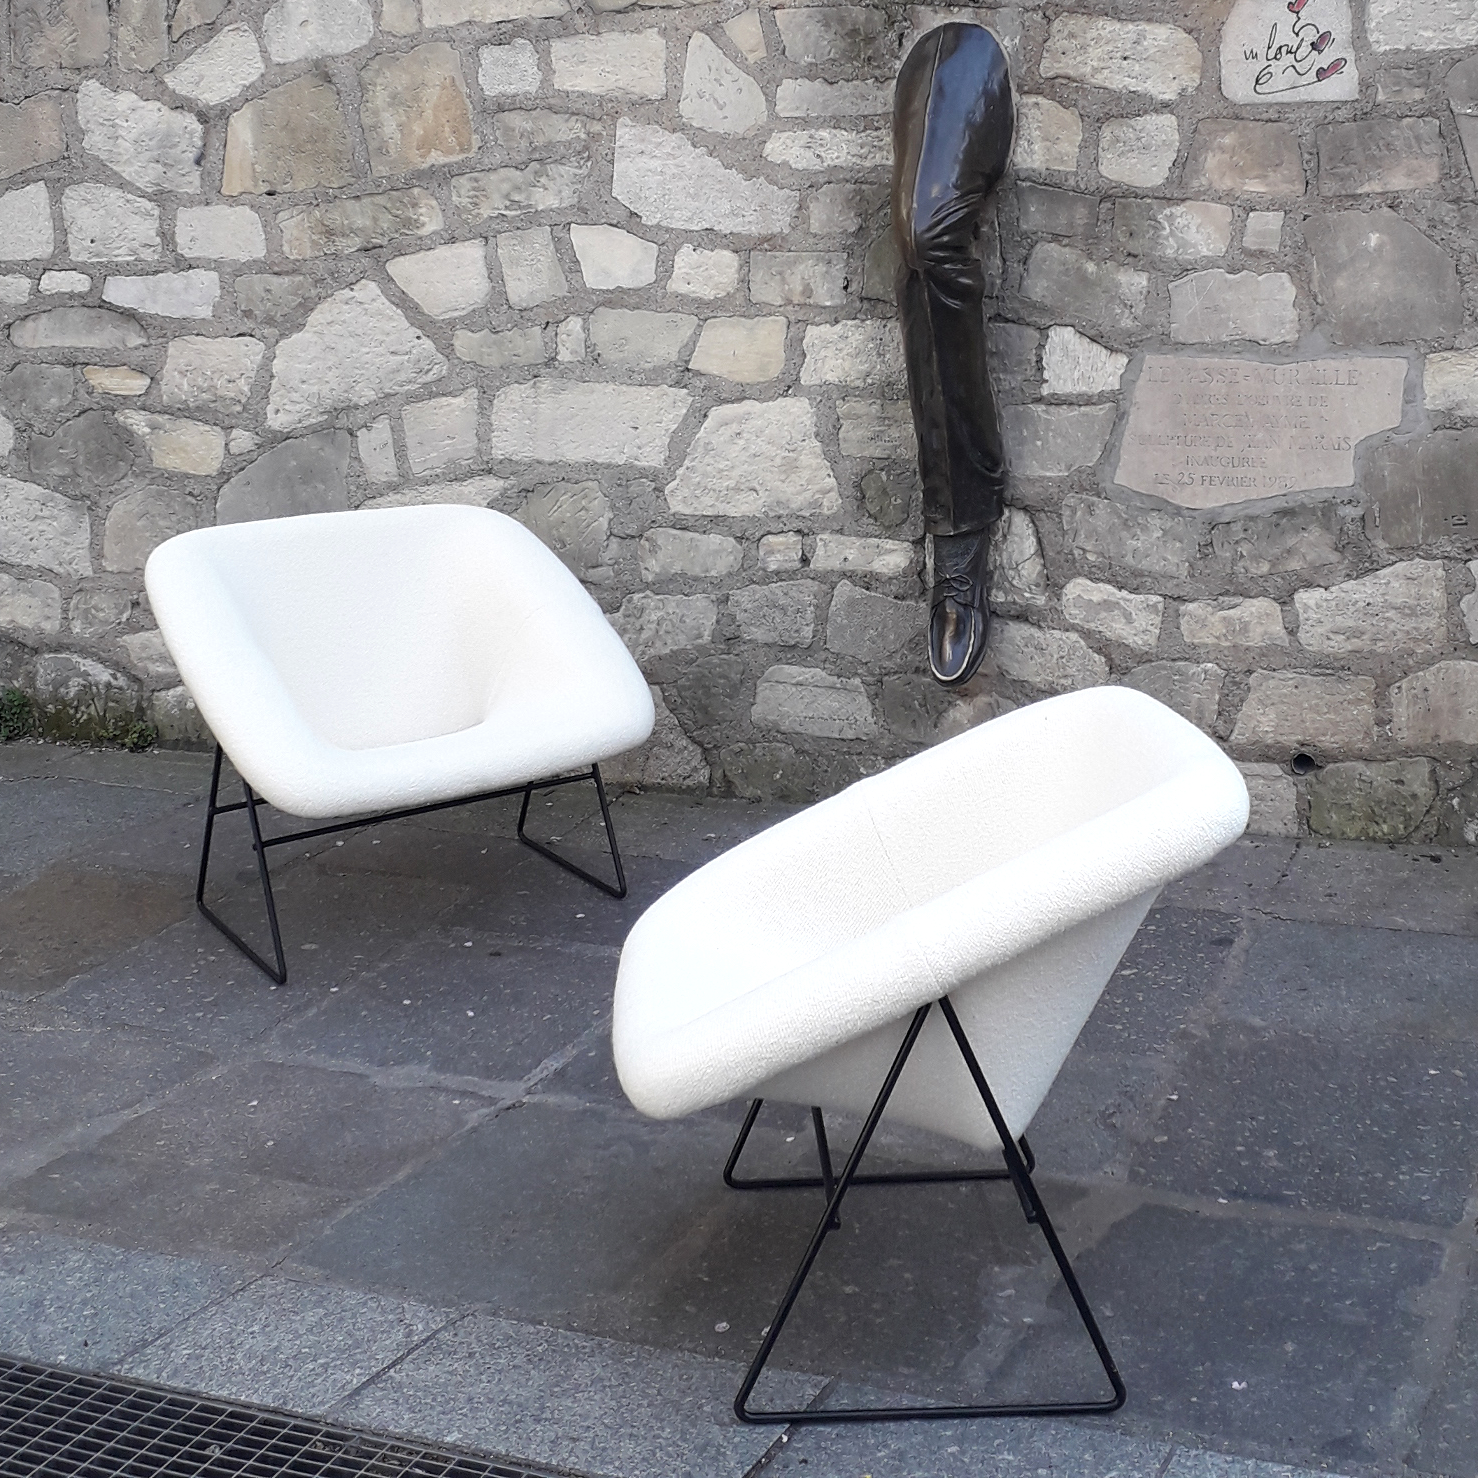 En partenariat avec l'A.R.P, paire de fauteuils Corb, édition Steiner, 1956